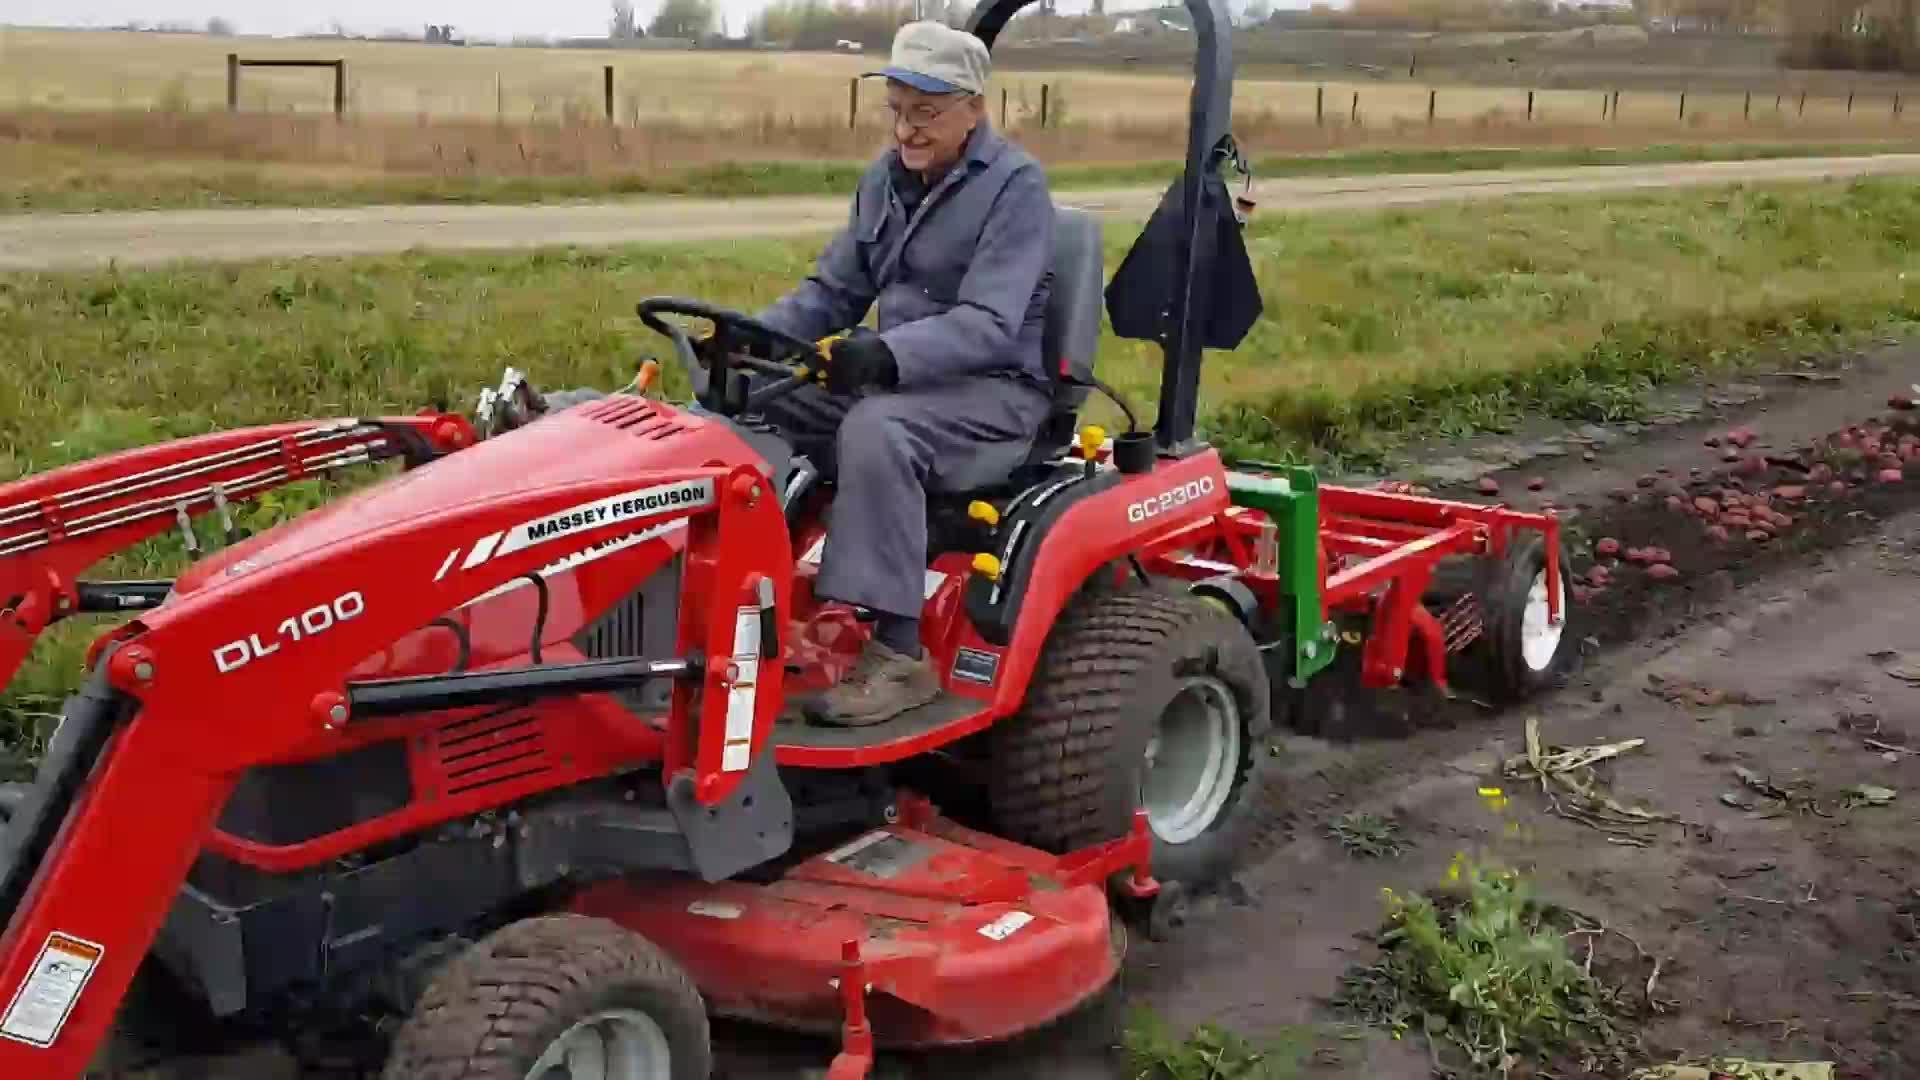 Küçük tarım makineleri Mini Tatlı traktör patates biçici